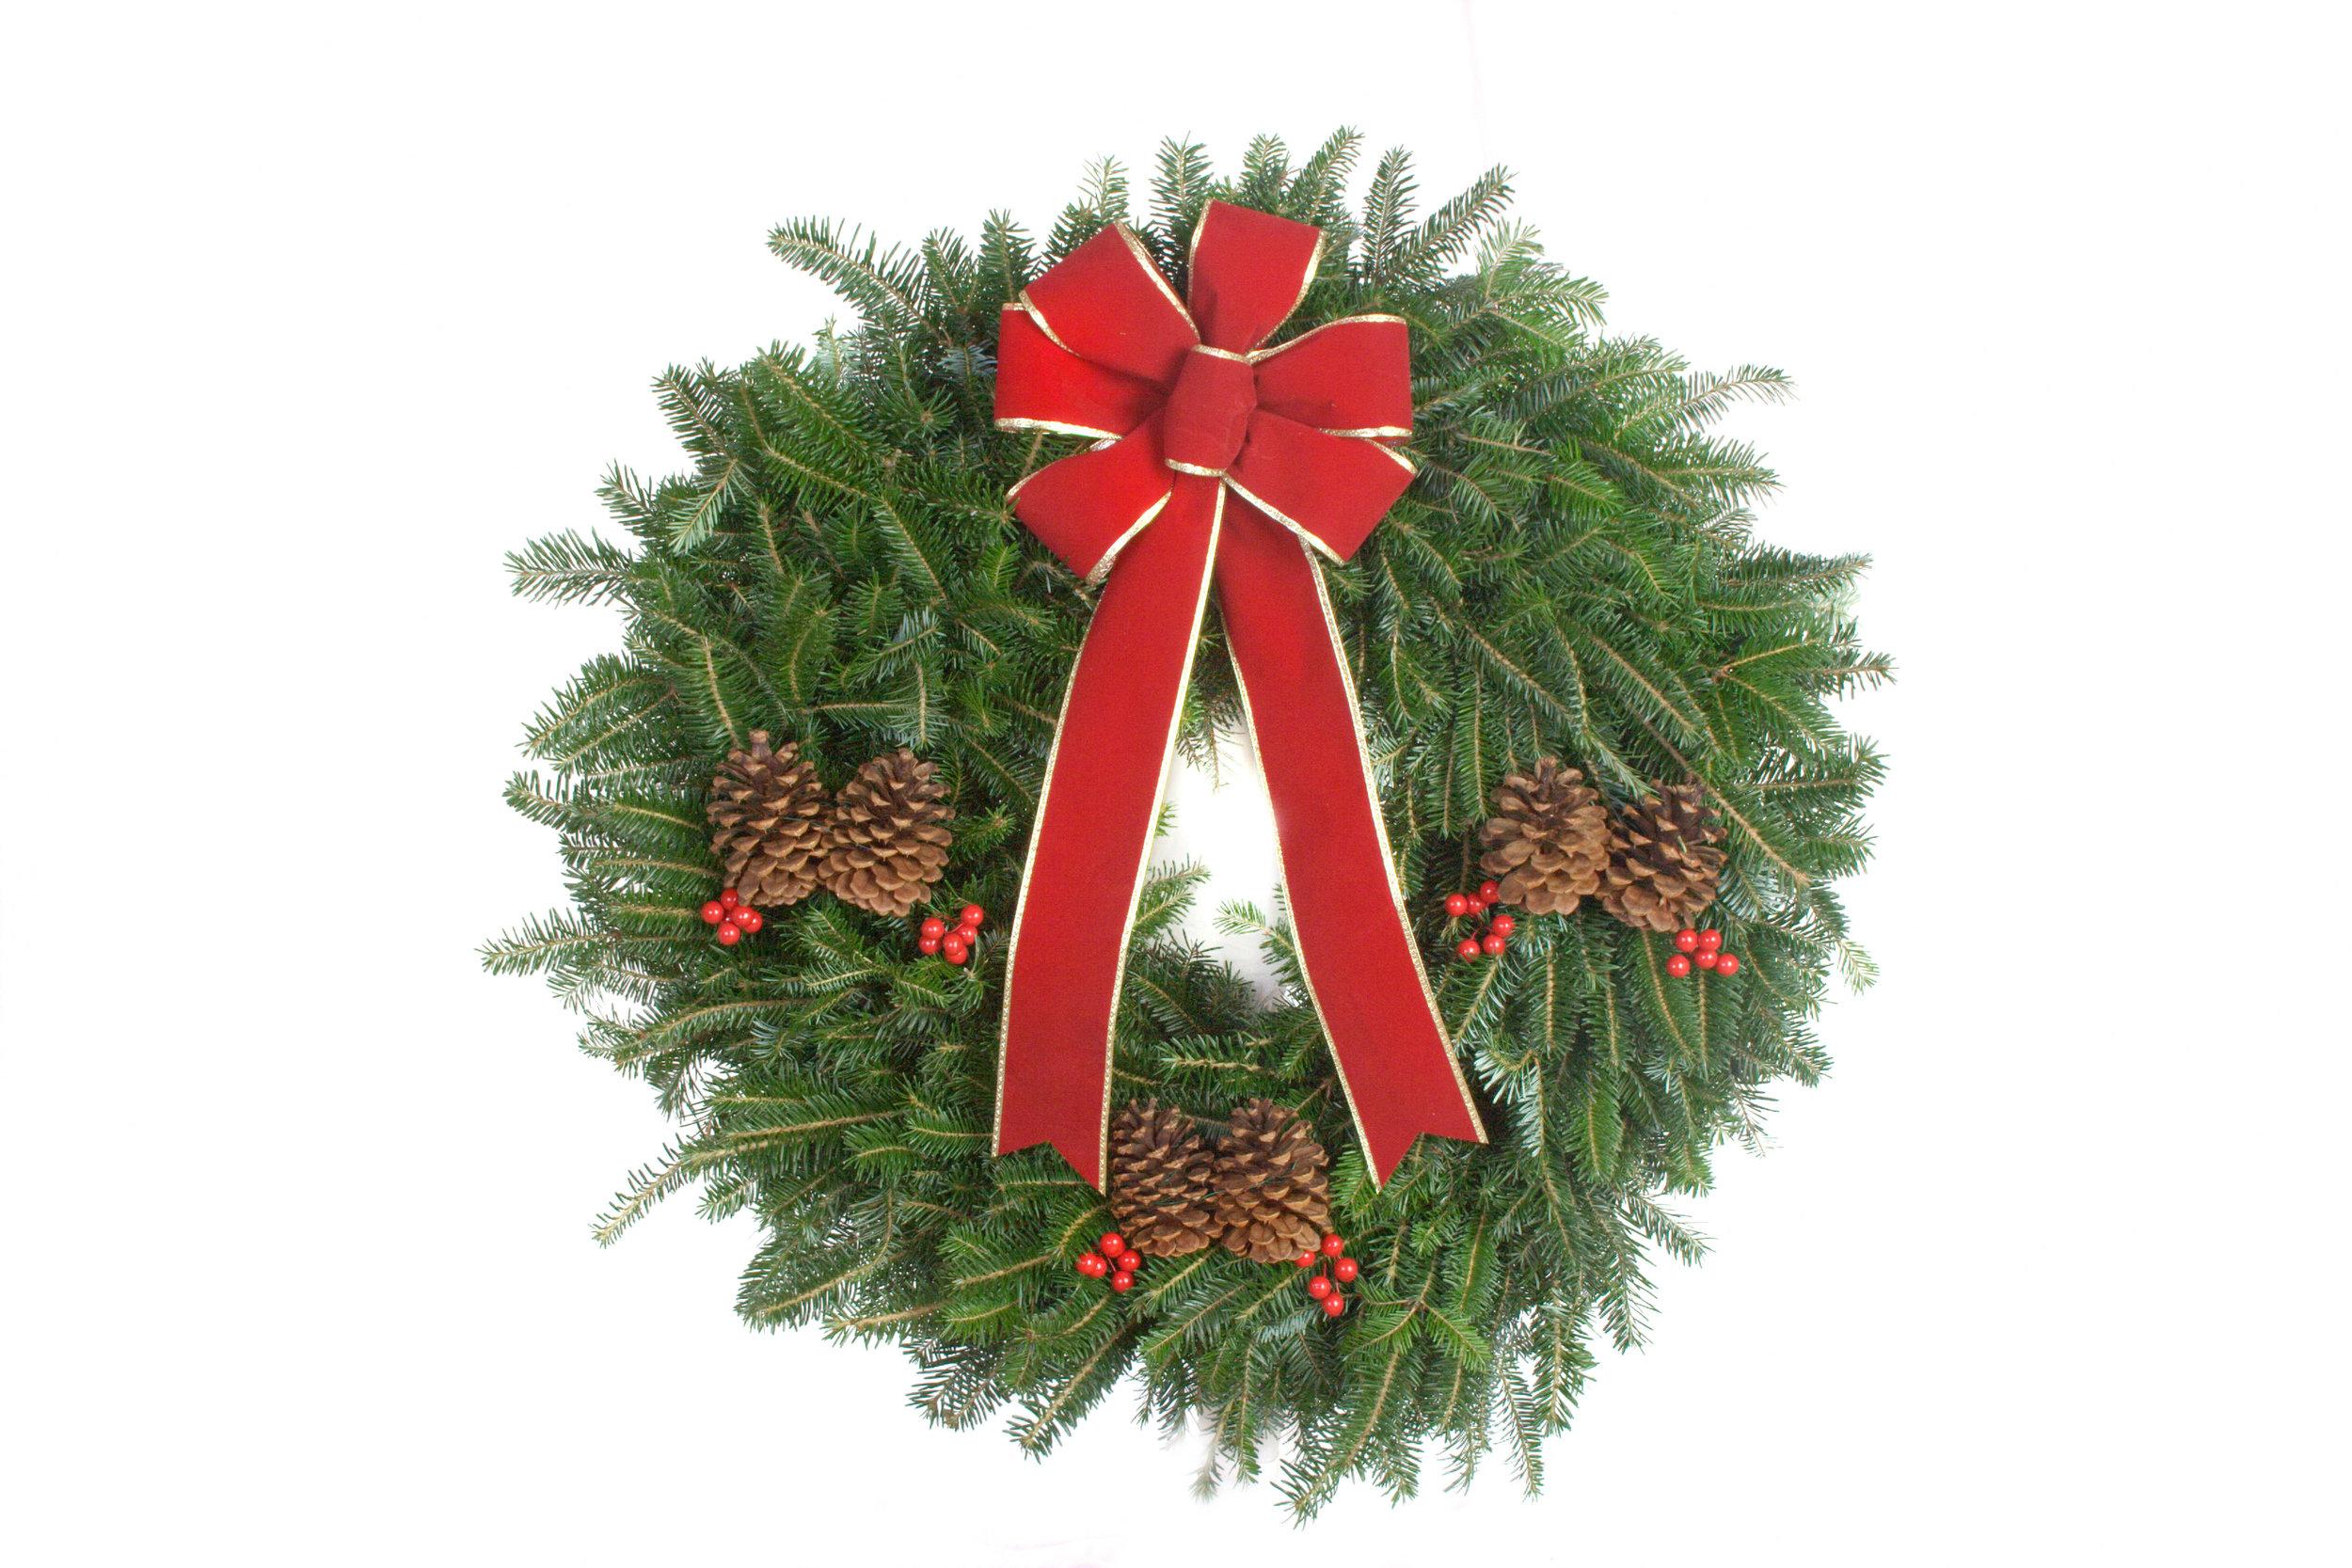 Decorated Fraser Fir Wreaths